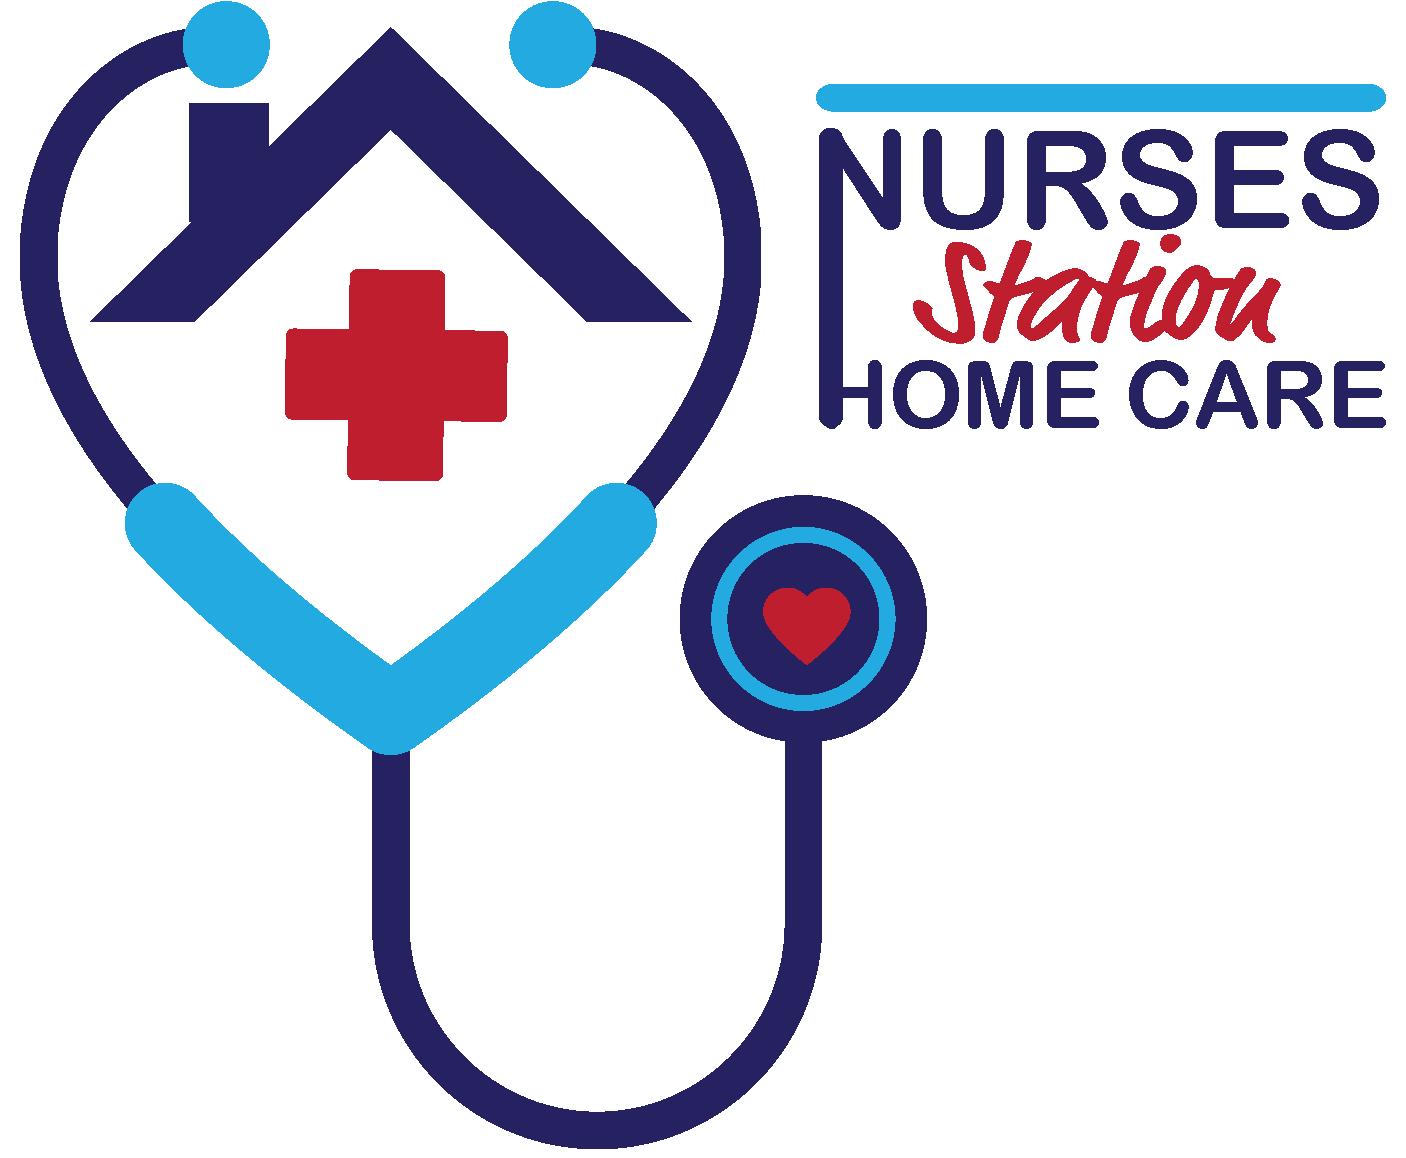 Nurses Station Homecare